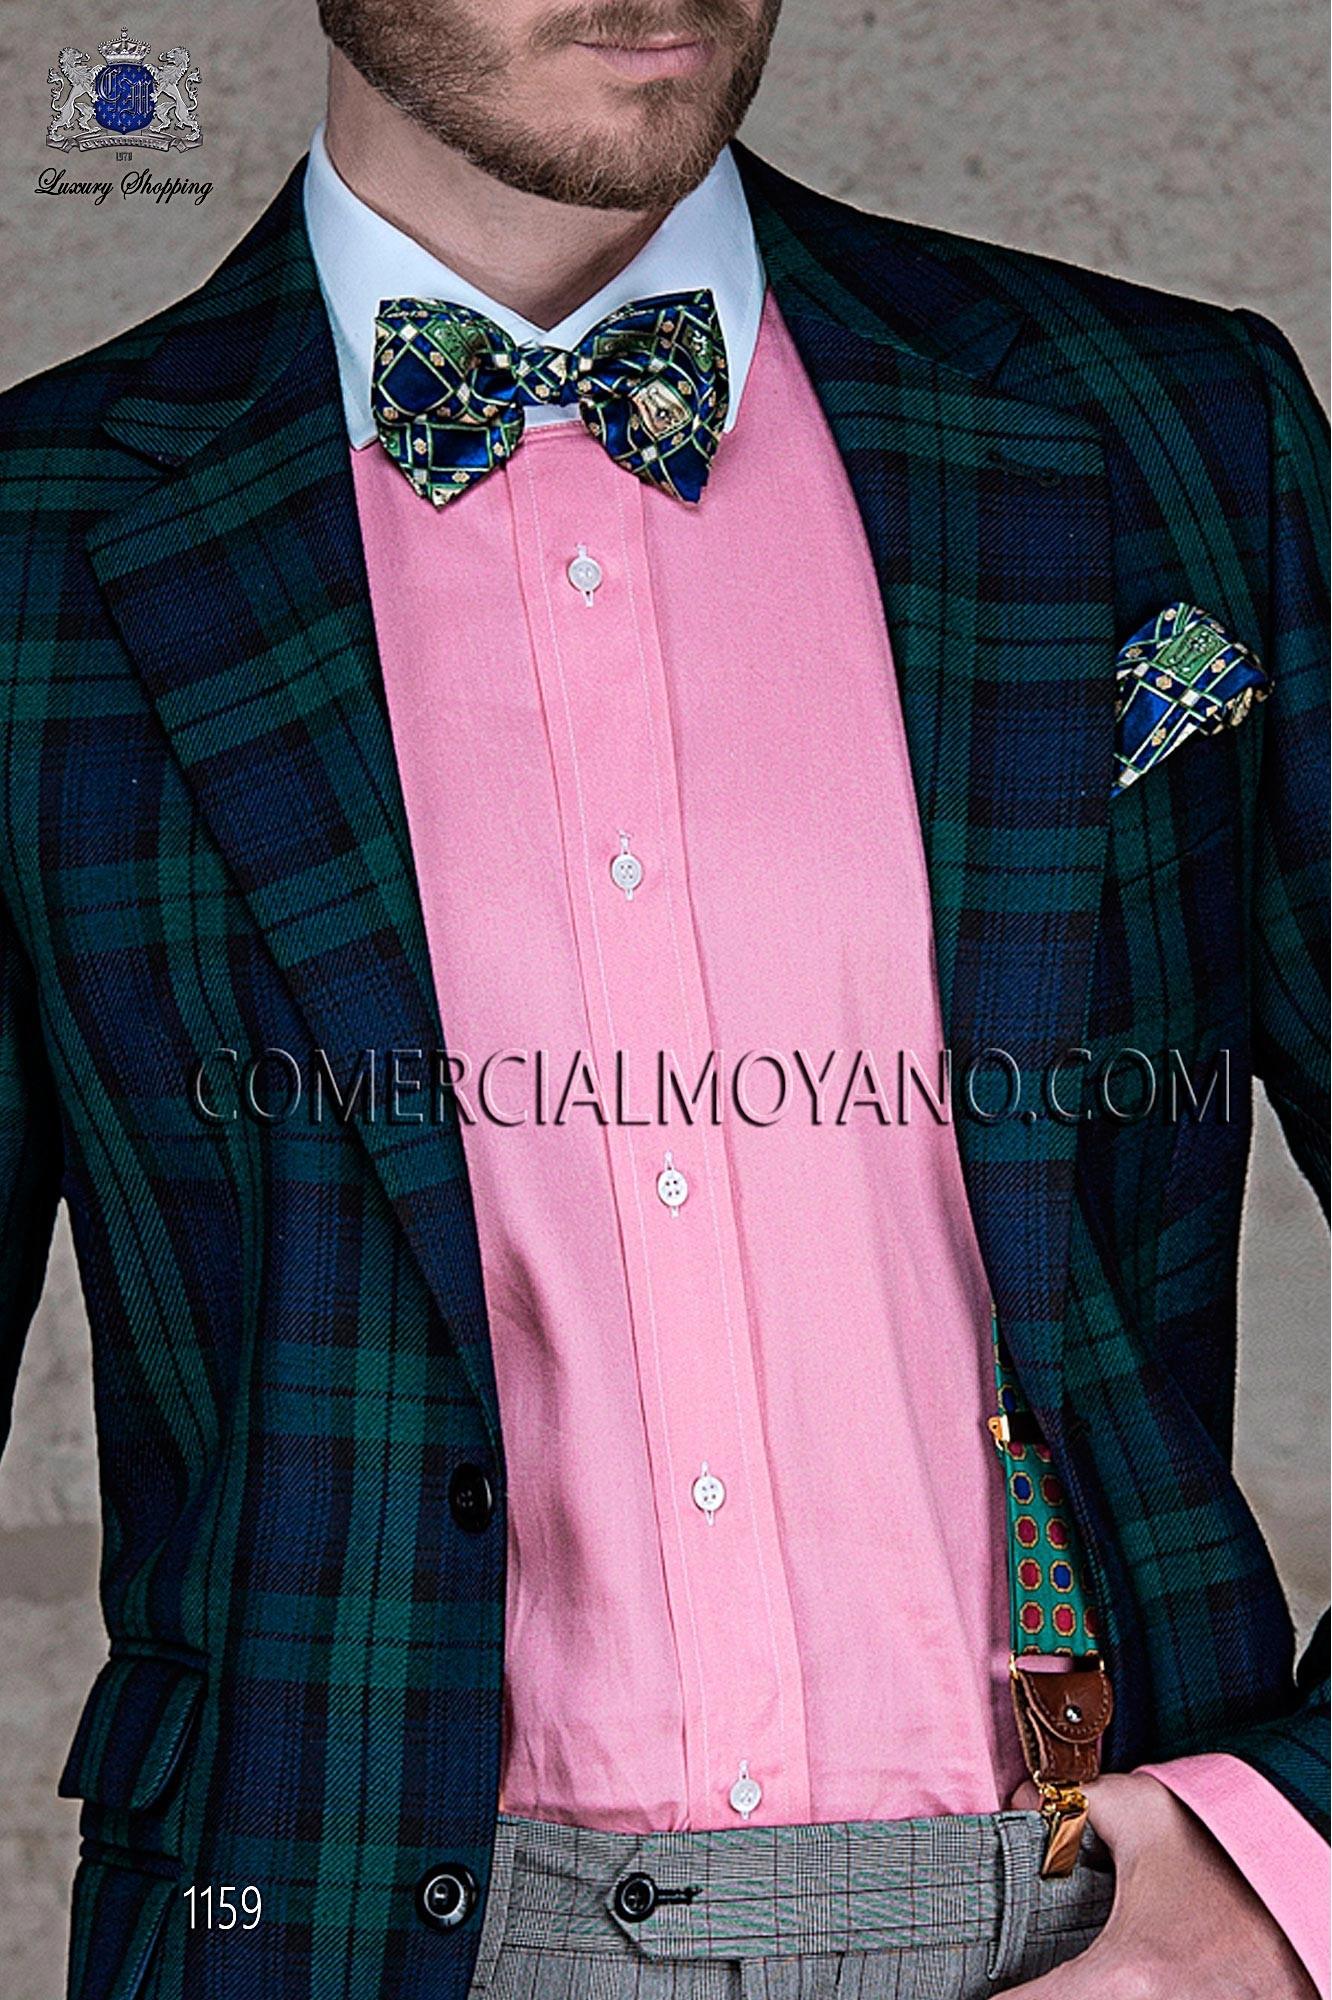 Traje BlackTie de novio tartán verde-azul modelo: 1159 Ottavio Nuccio Gala colección Black Tie 2017